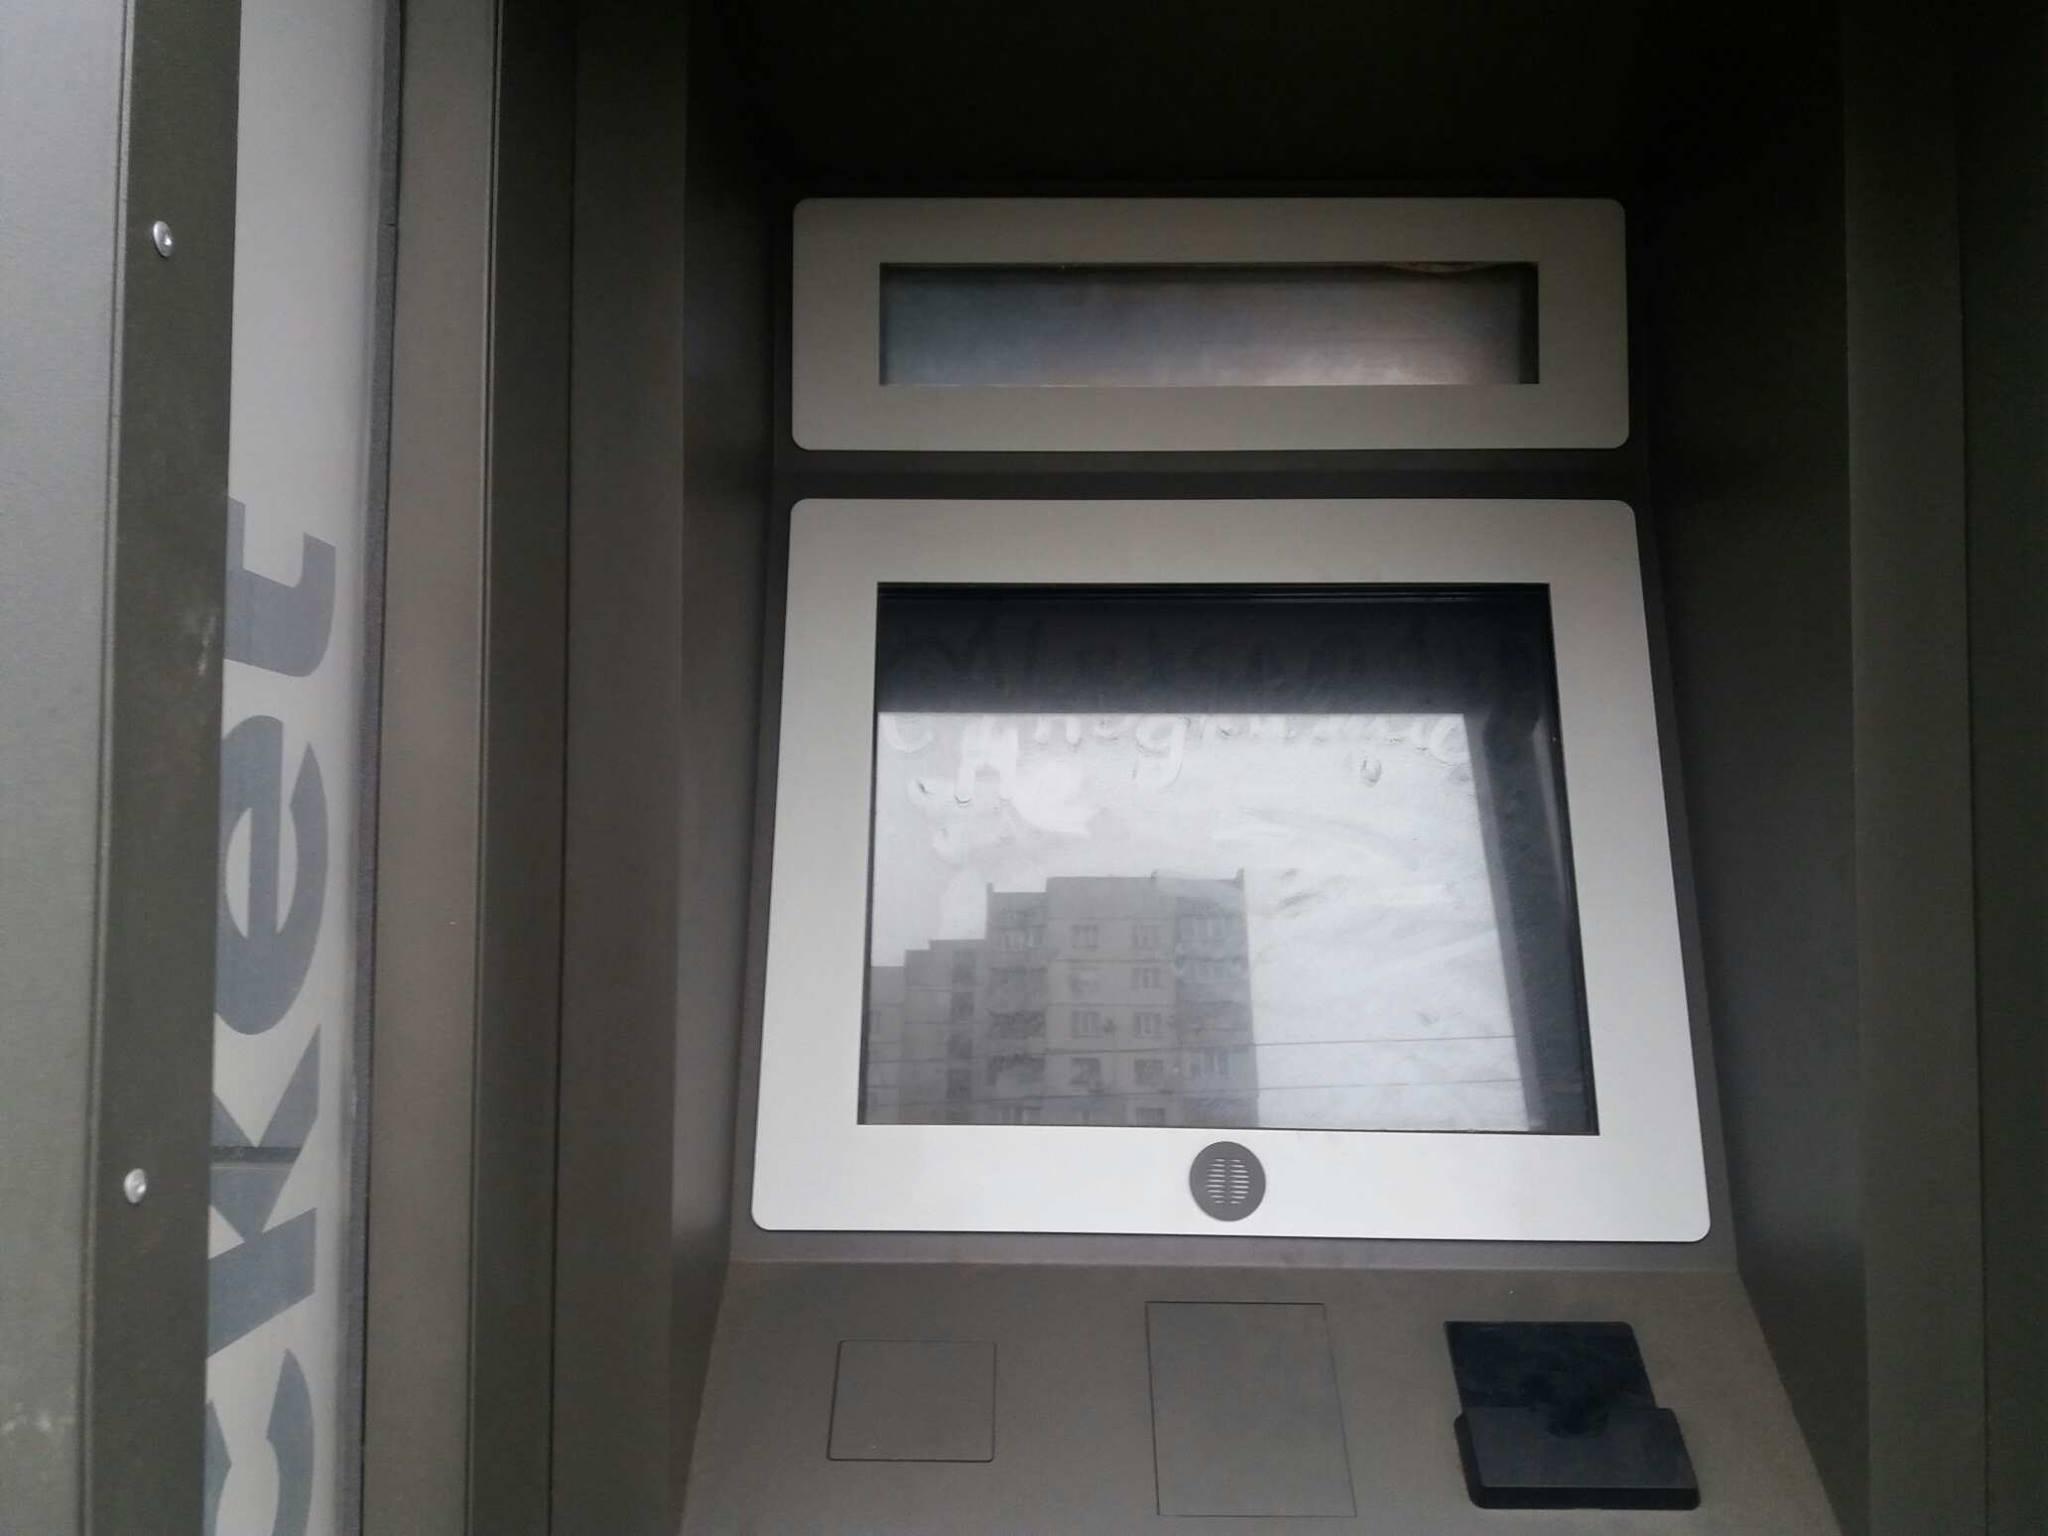 Единый проездной билет. Жители Харькова жалуются на неработающие терминалы (фото)